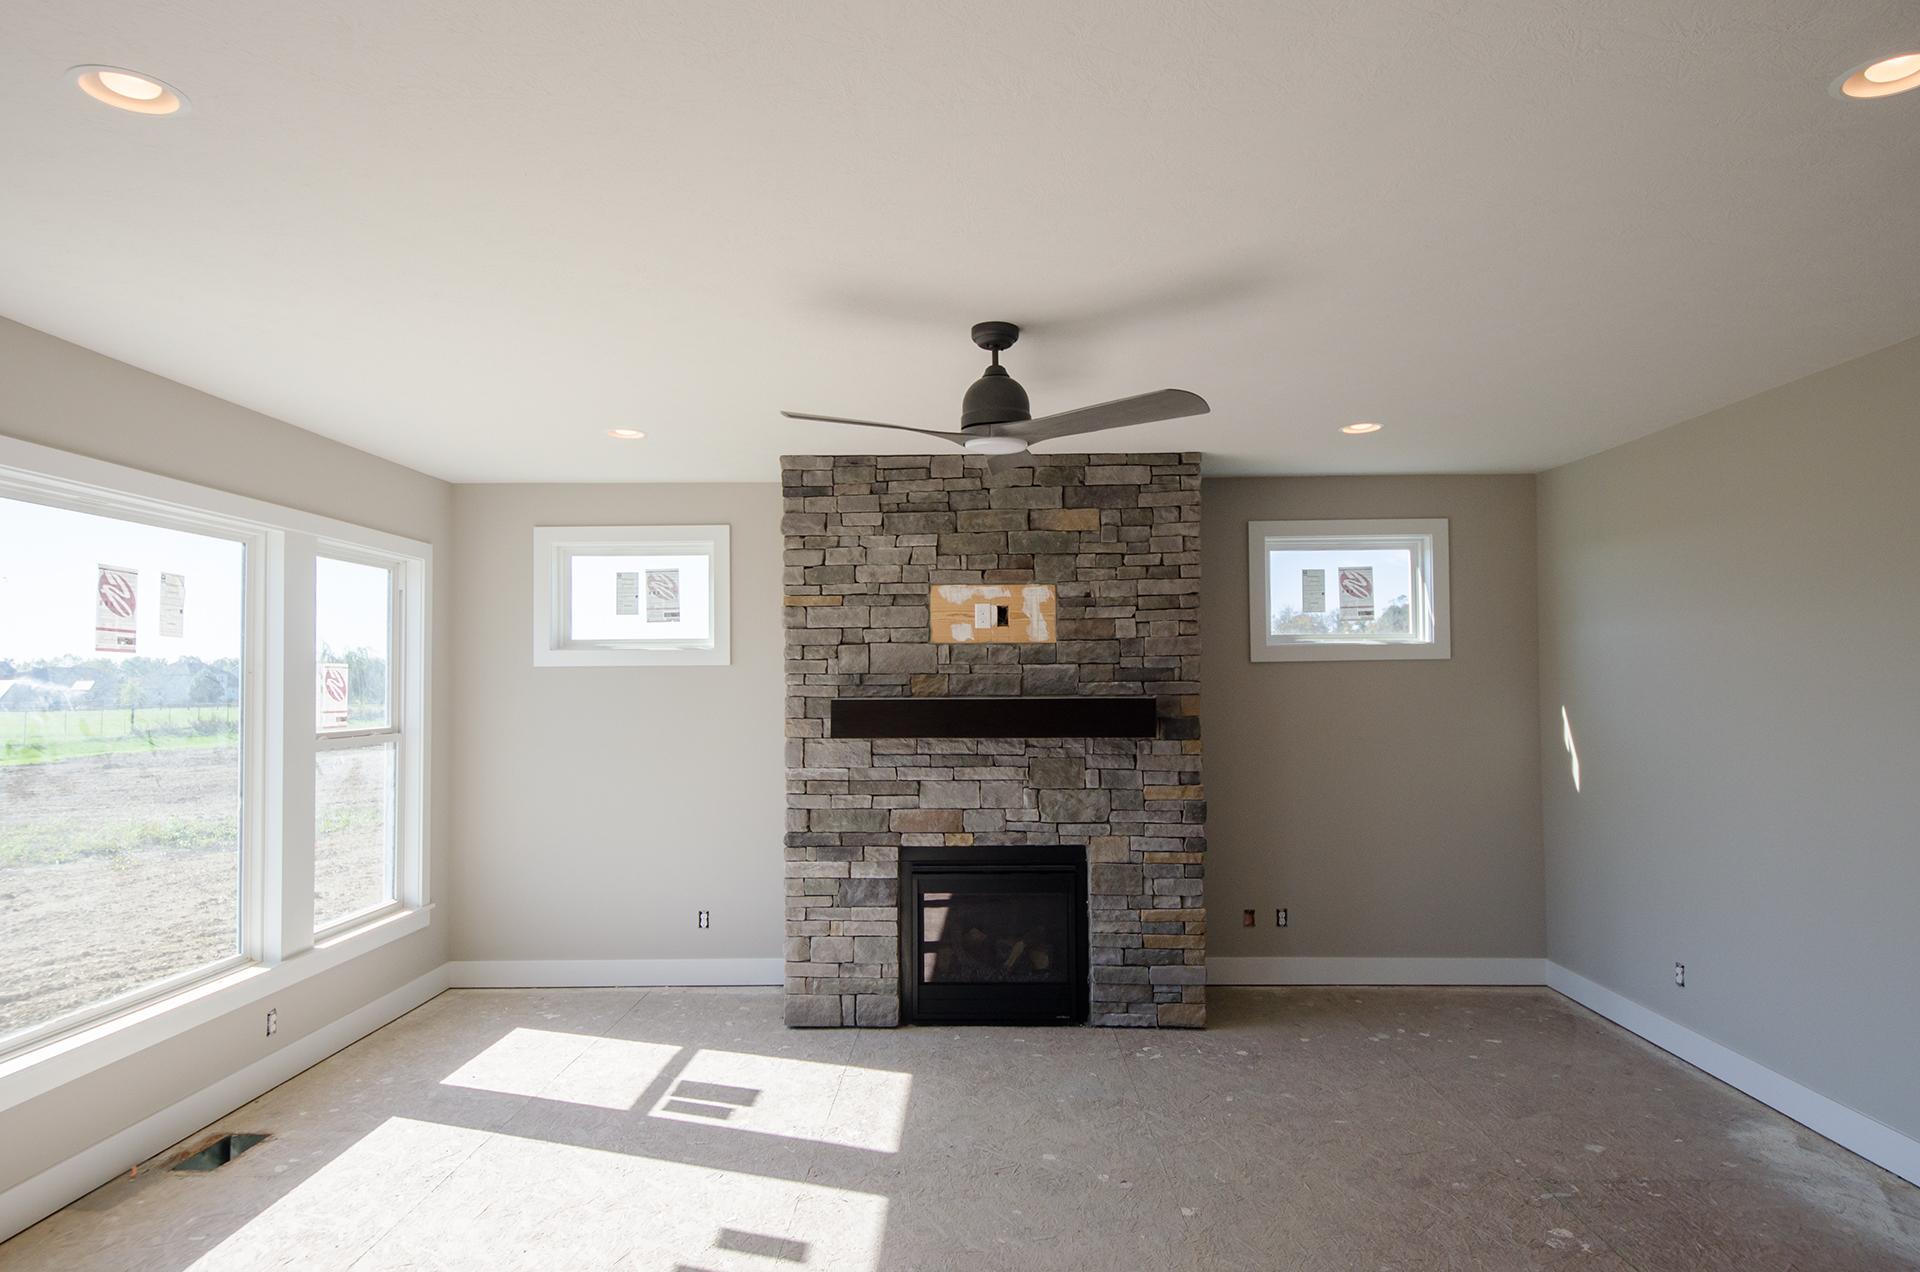 100 What Is Home Design Hi Pjl